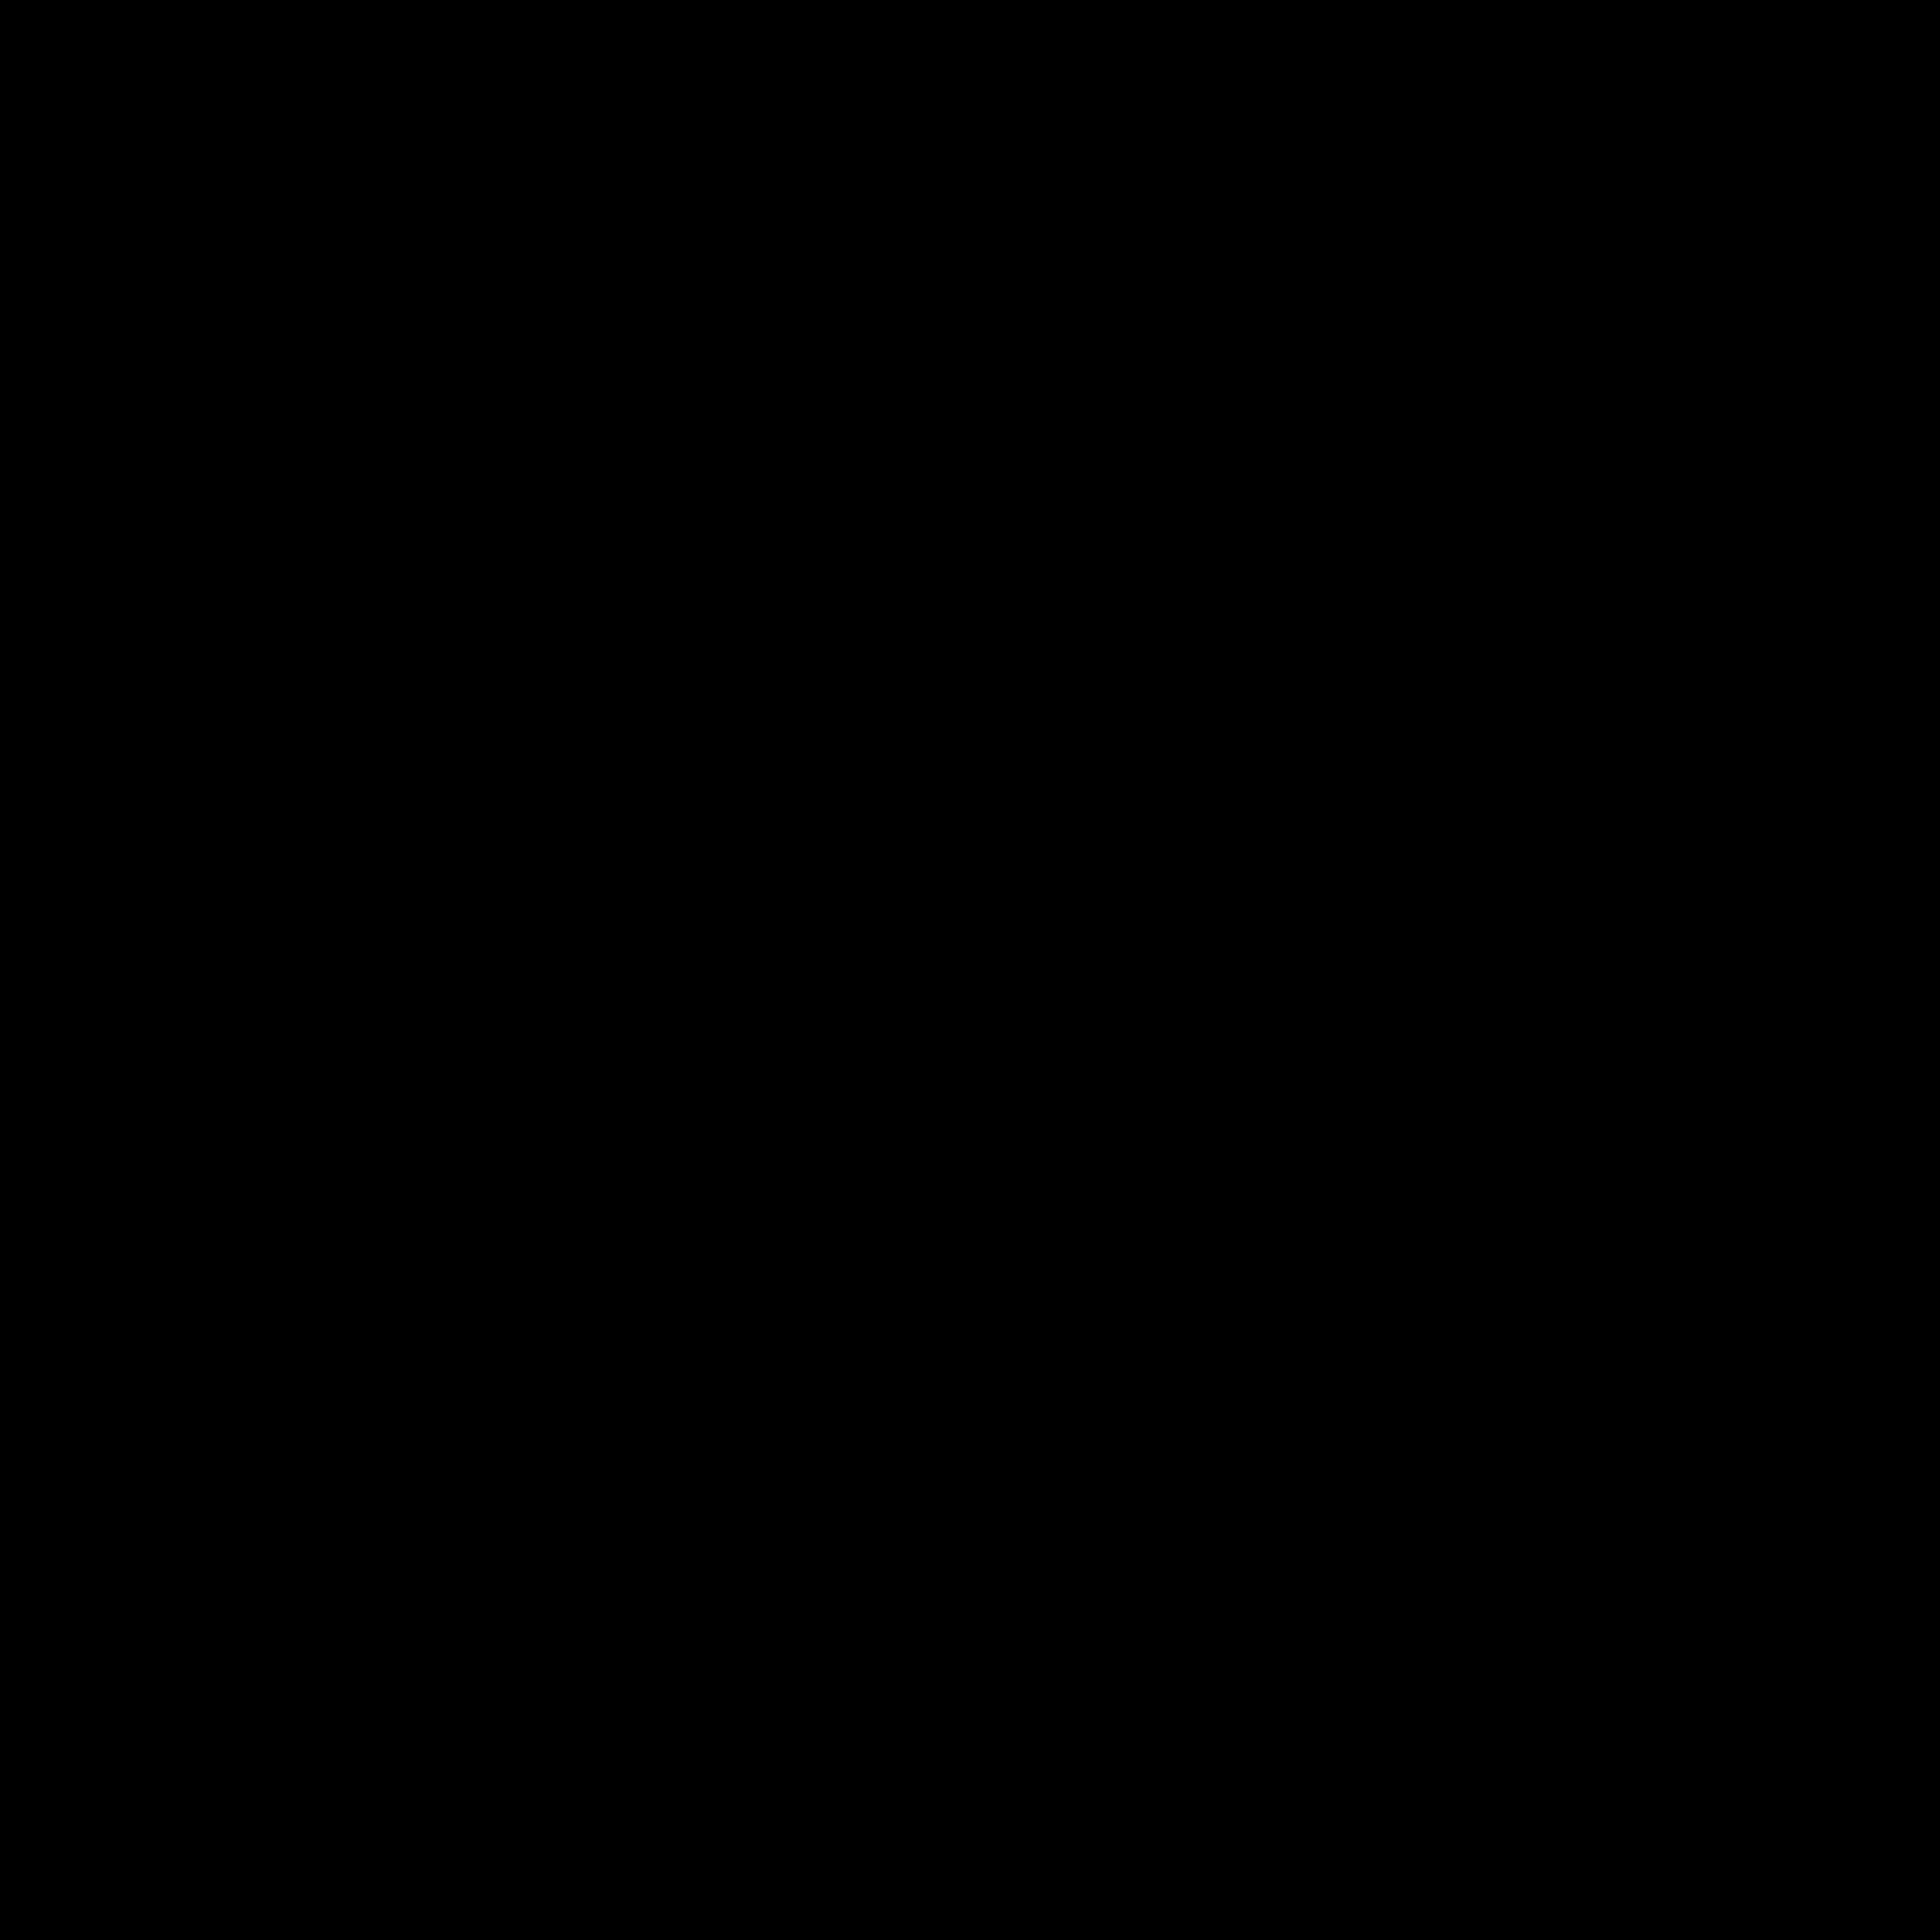 Naklejka na ścianę pies beagle 2